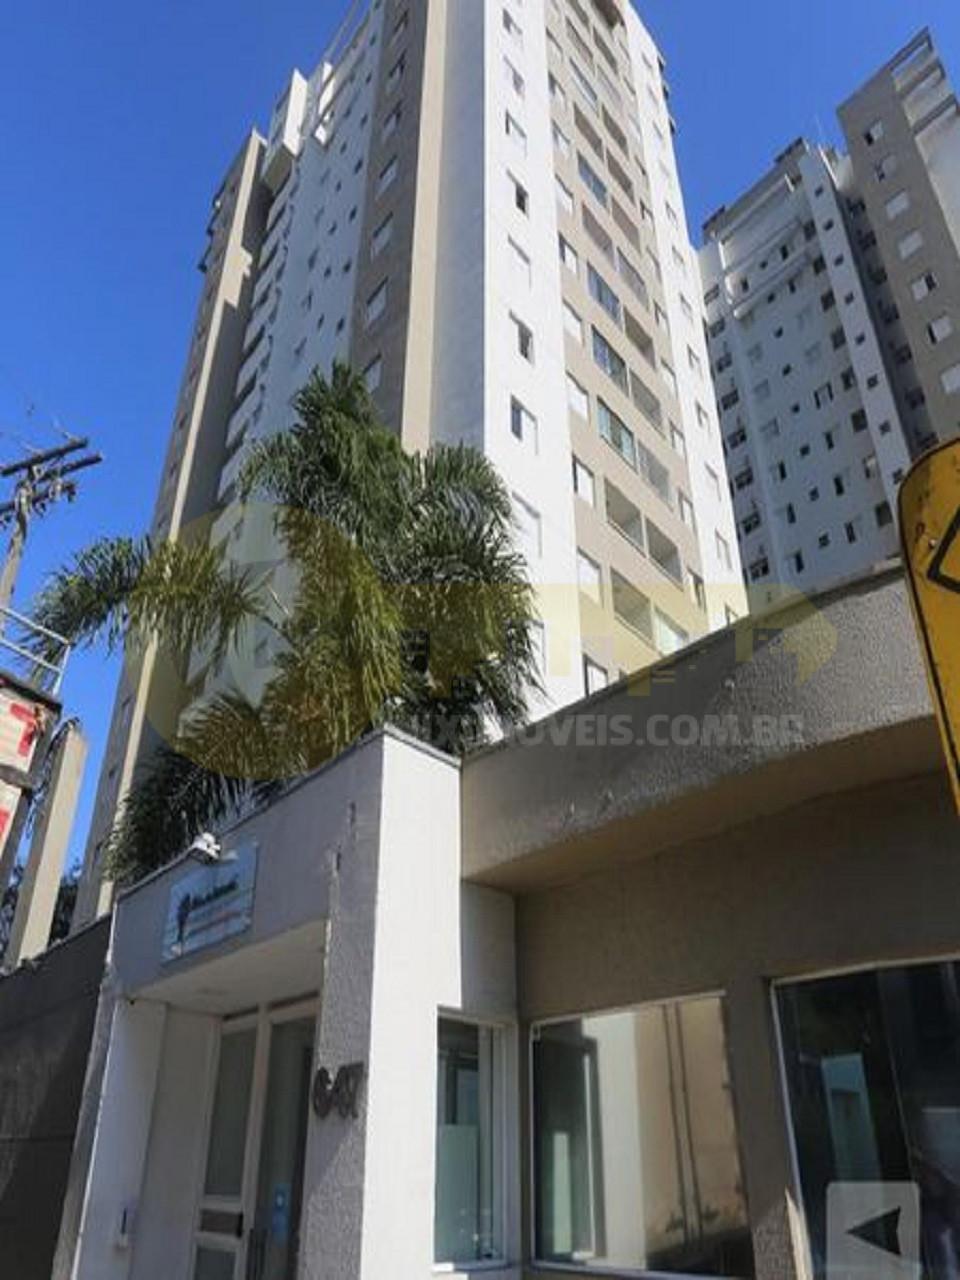 Lindíssimo semi mobiliado apartamento perto da USP para alugar, andar alto, varanda, piscina, academia equipada, espaço gourmet. 3 quartos com suíte!